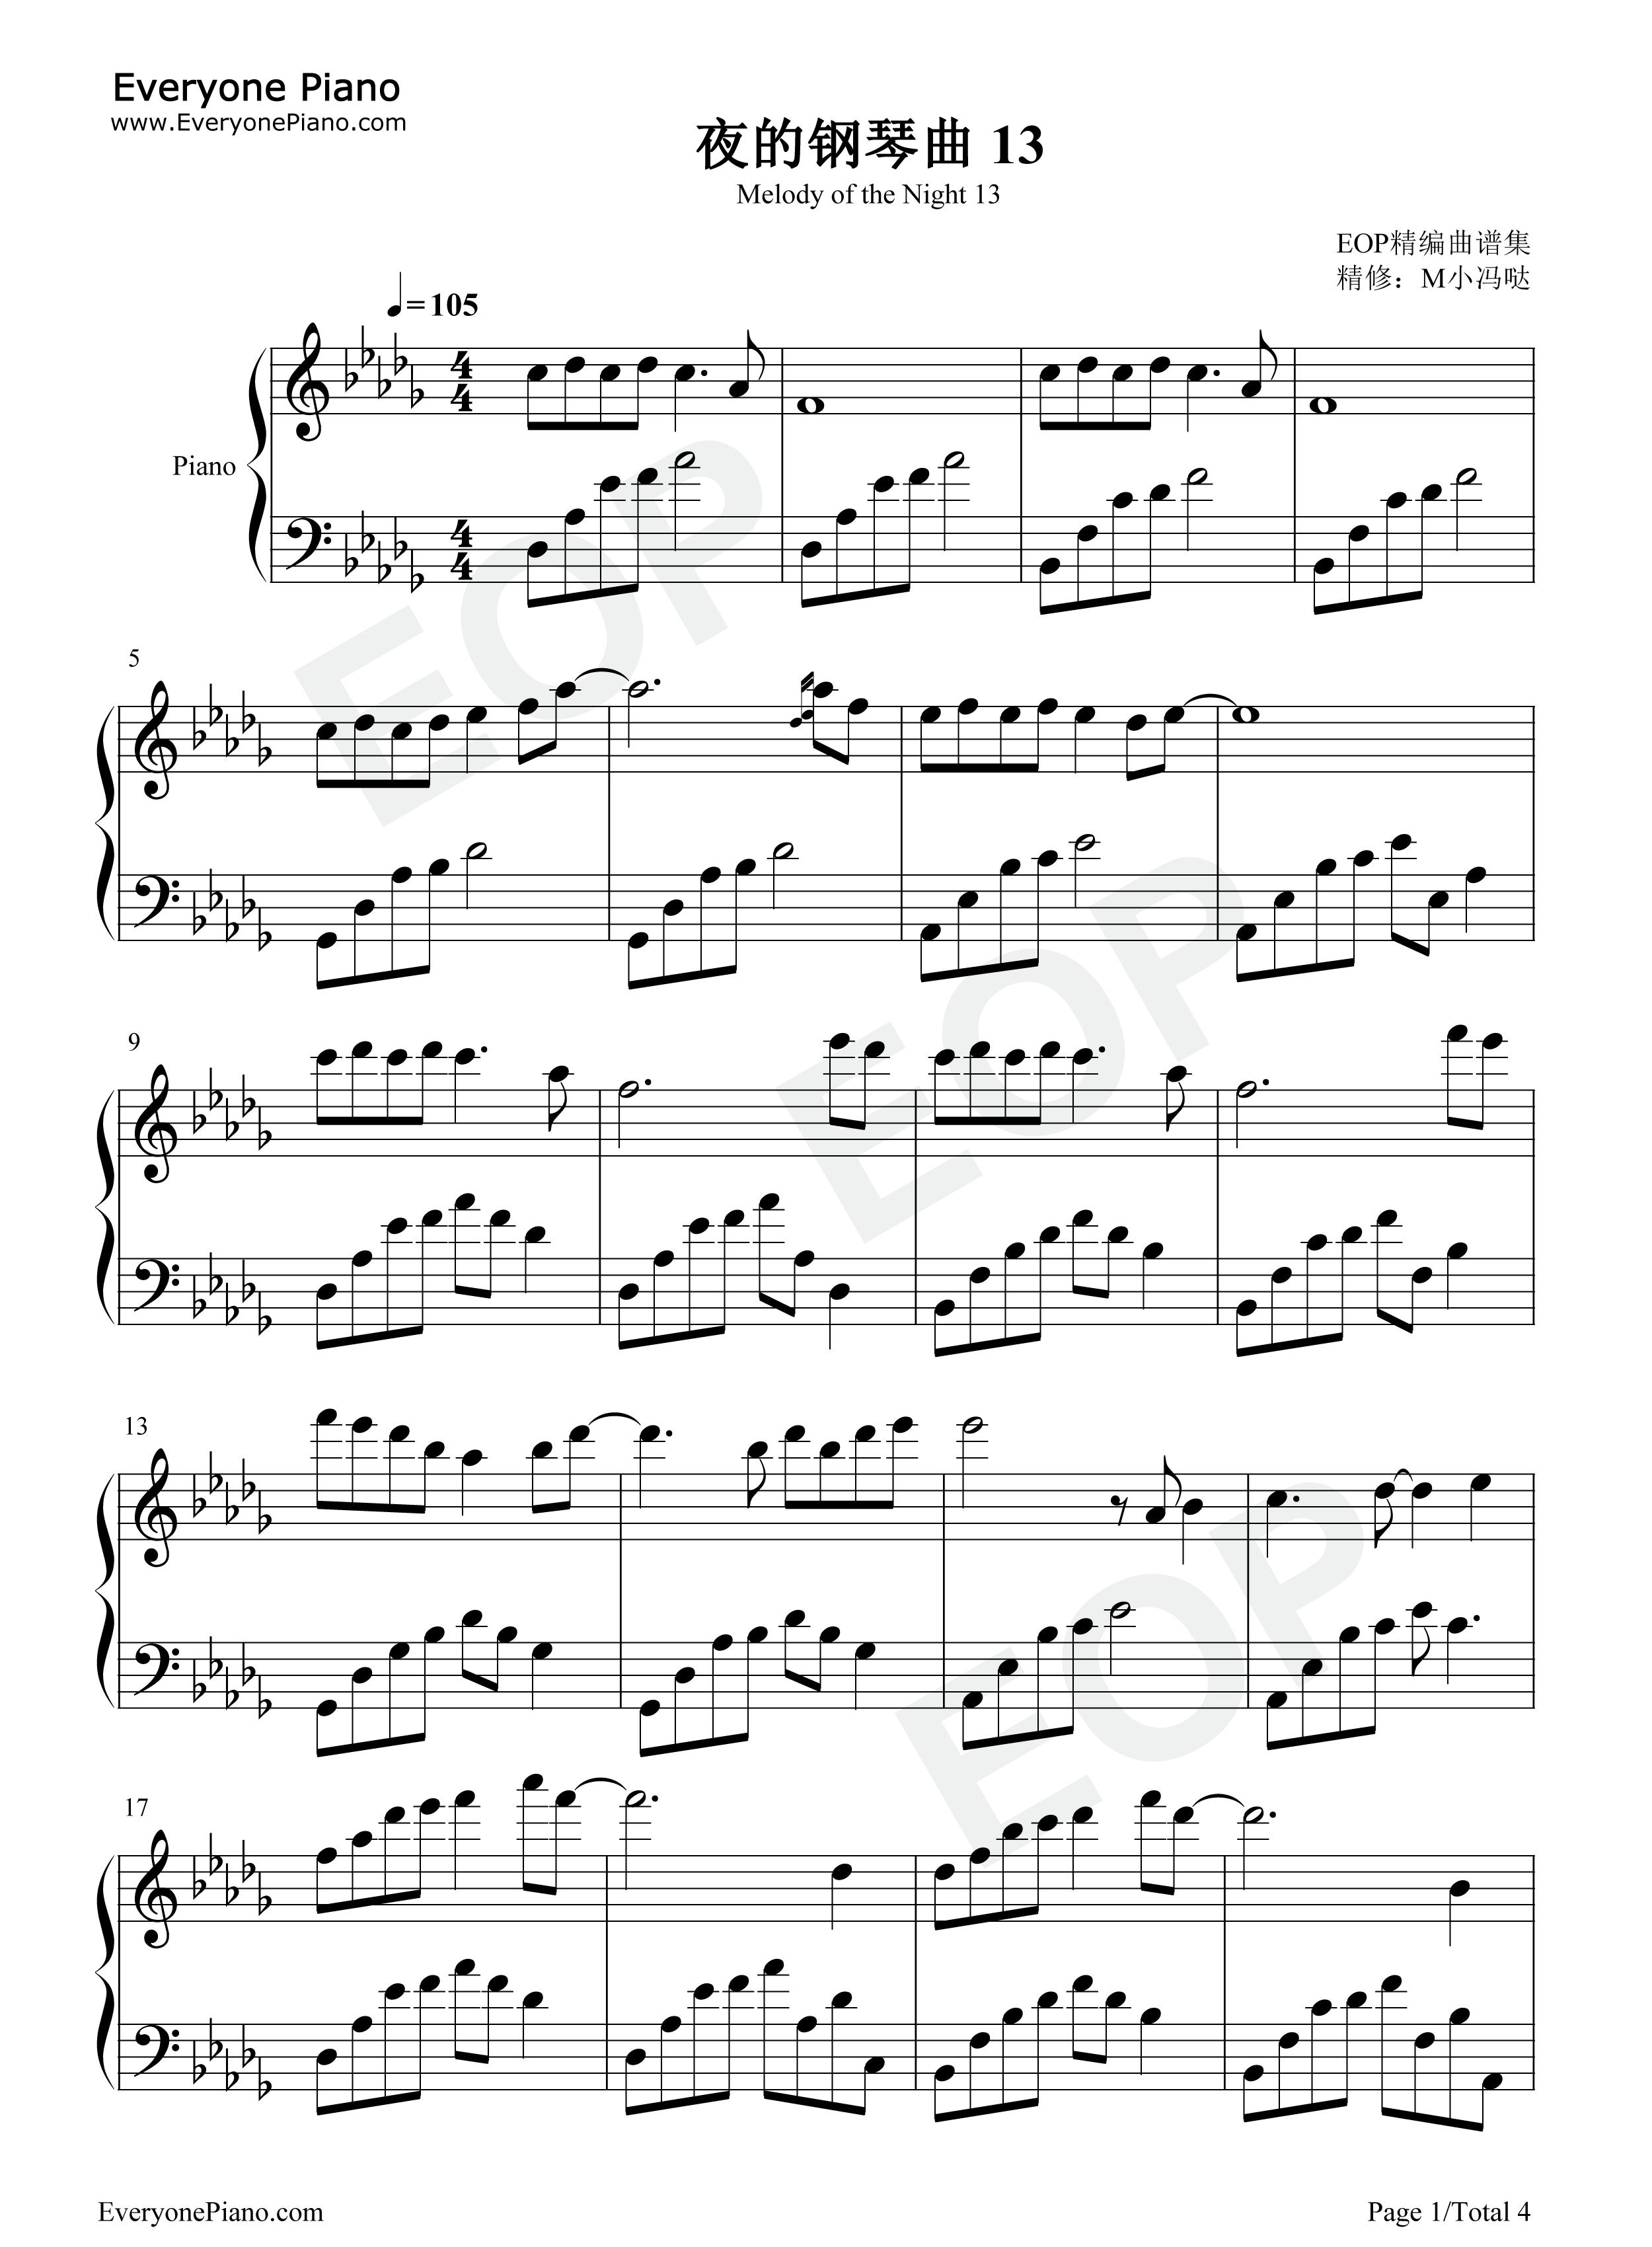 钢琴曲谱 轻音乐 夜的钢琴曲十三 夜的钢琴曲十三五线谱预览1   仅供